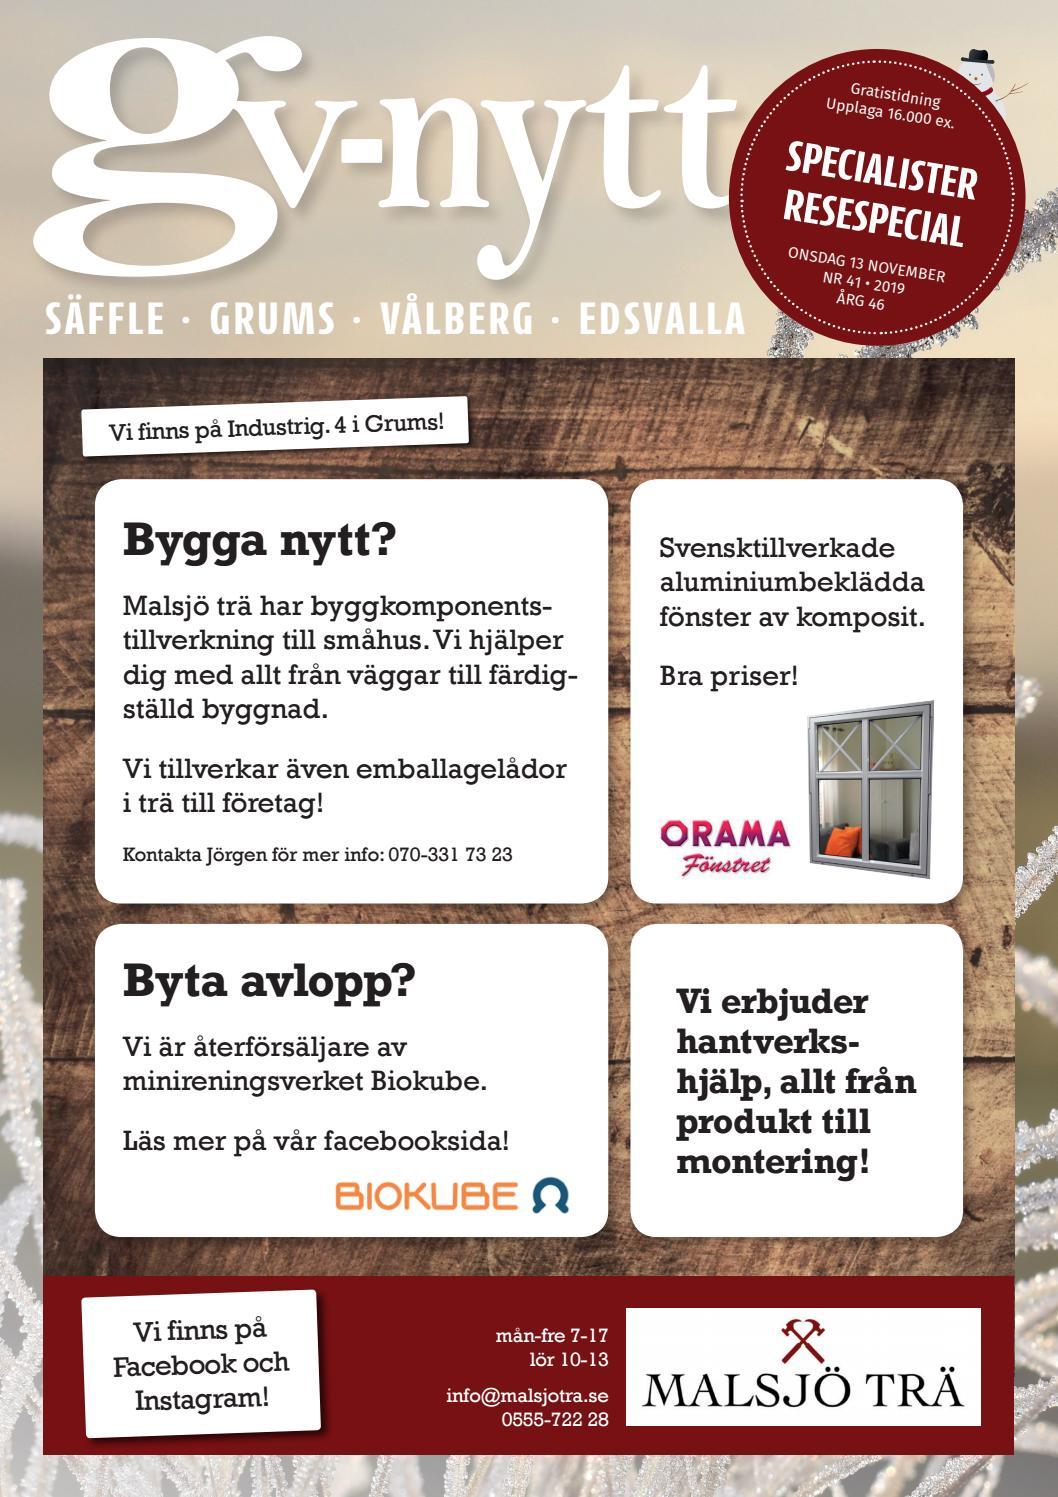 Karlstad Women, Karlstad Single Women, Karlstad Girls, Karlstad